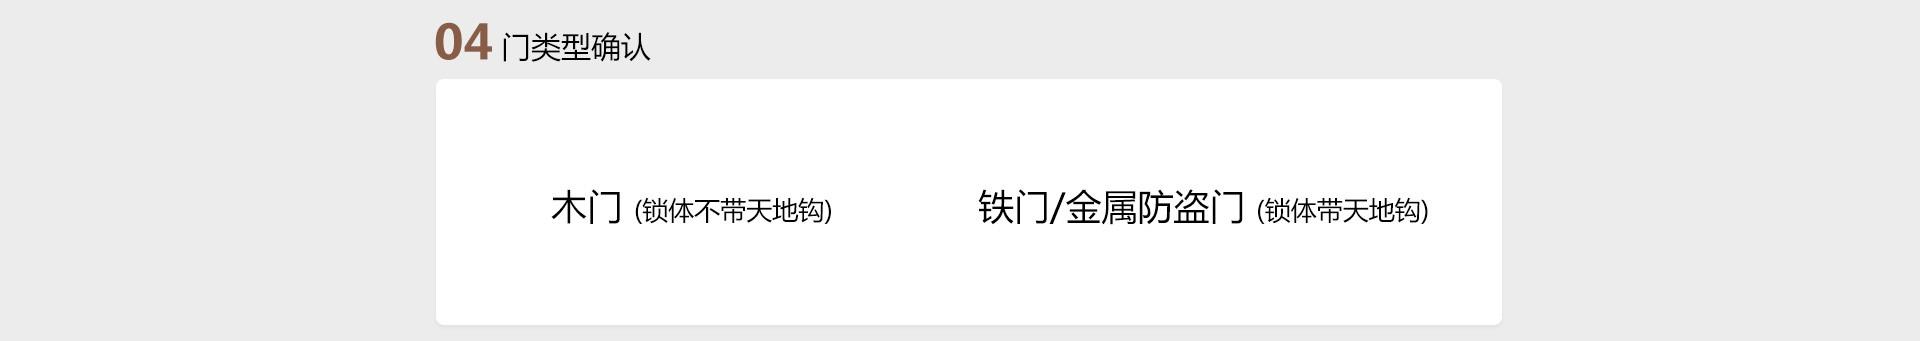 自助购物须知_pc_04.jpg